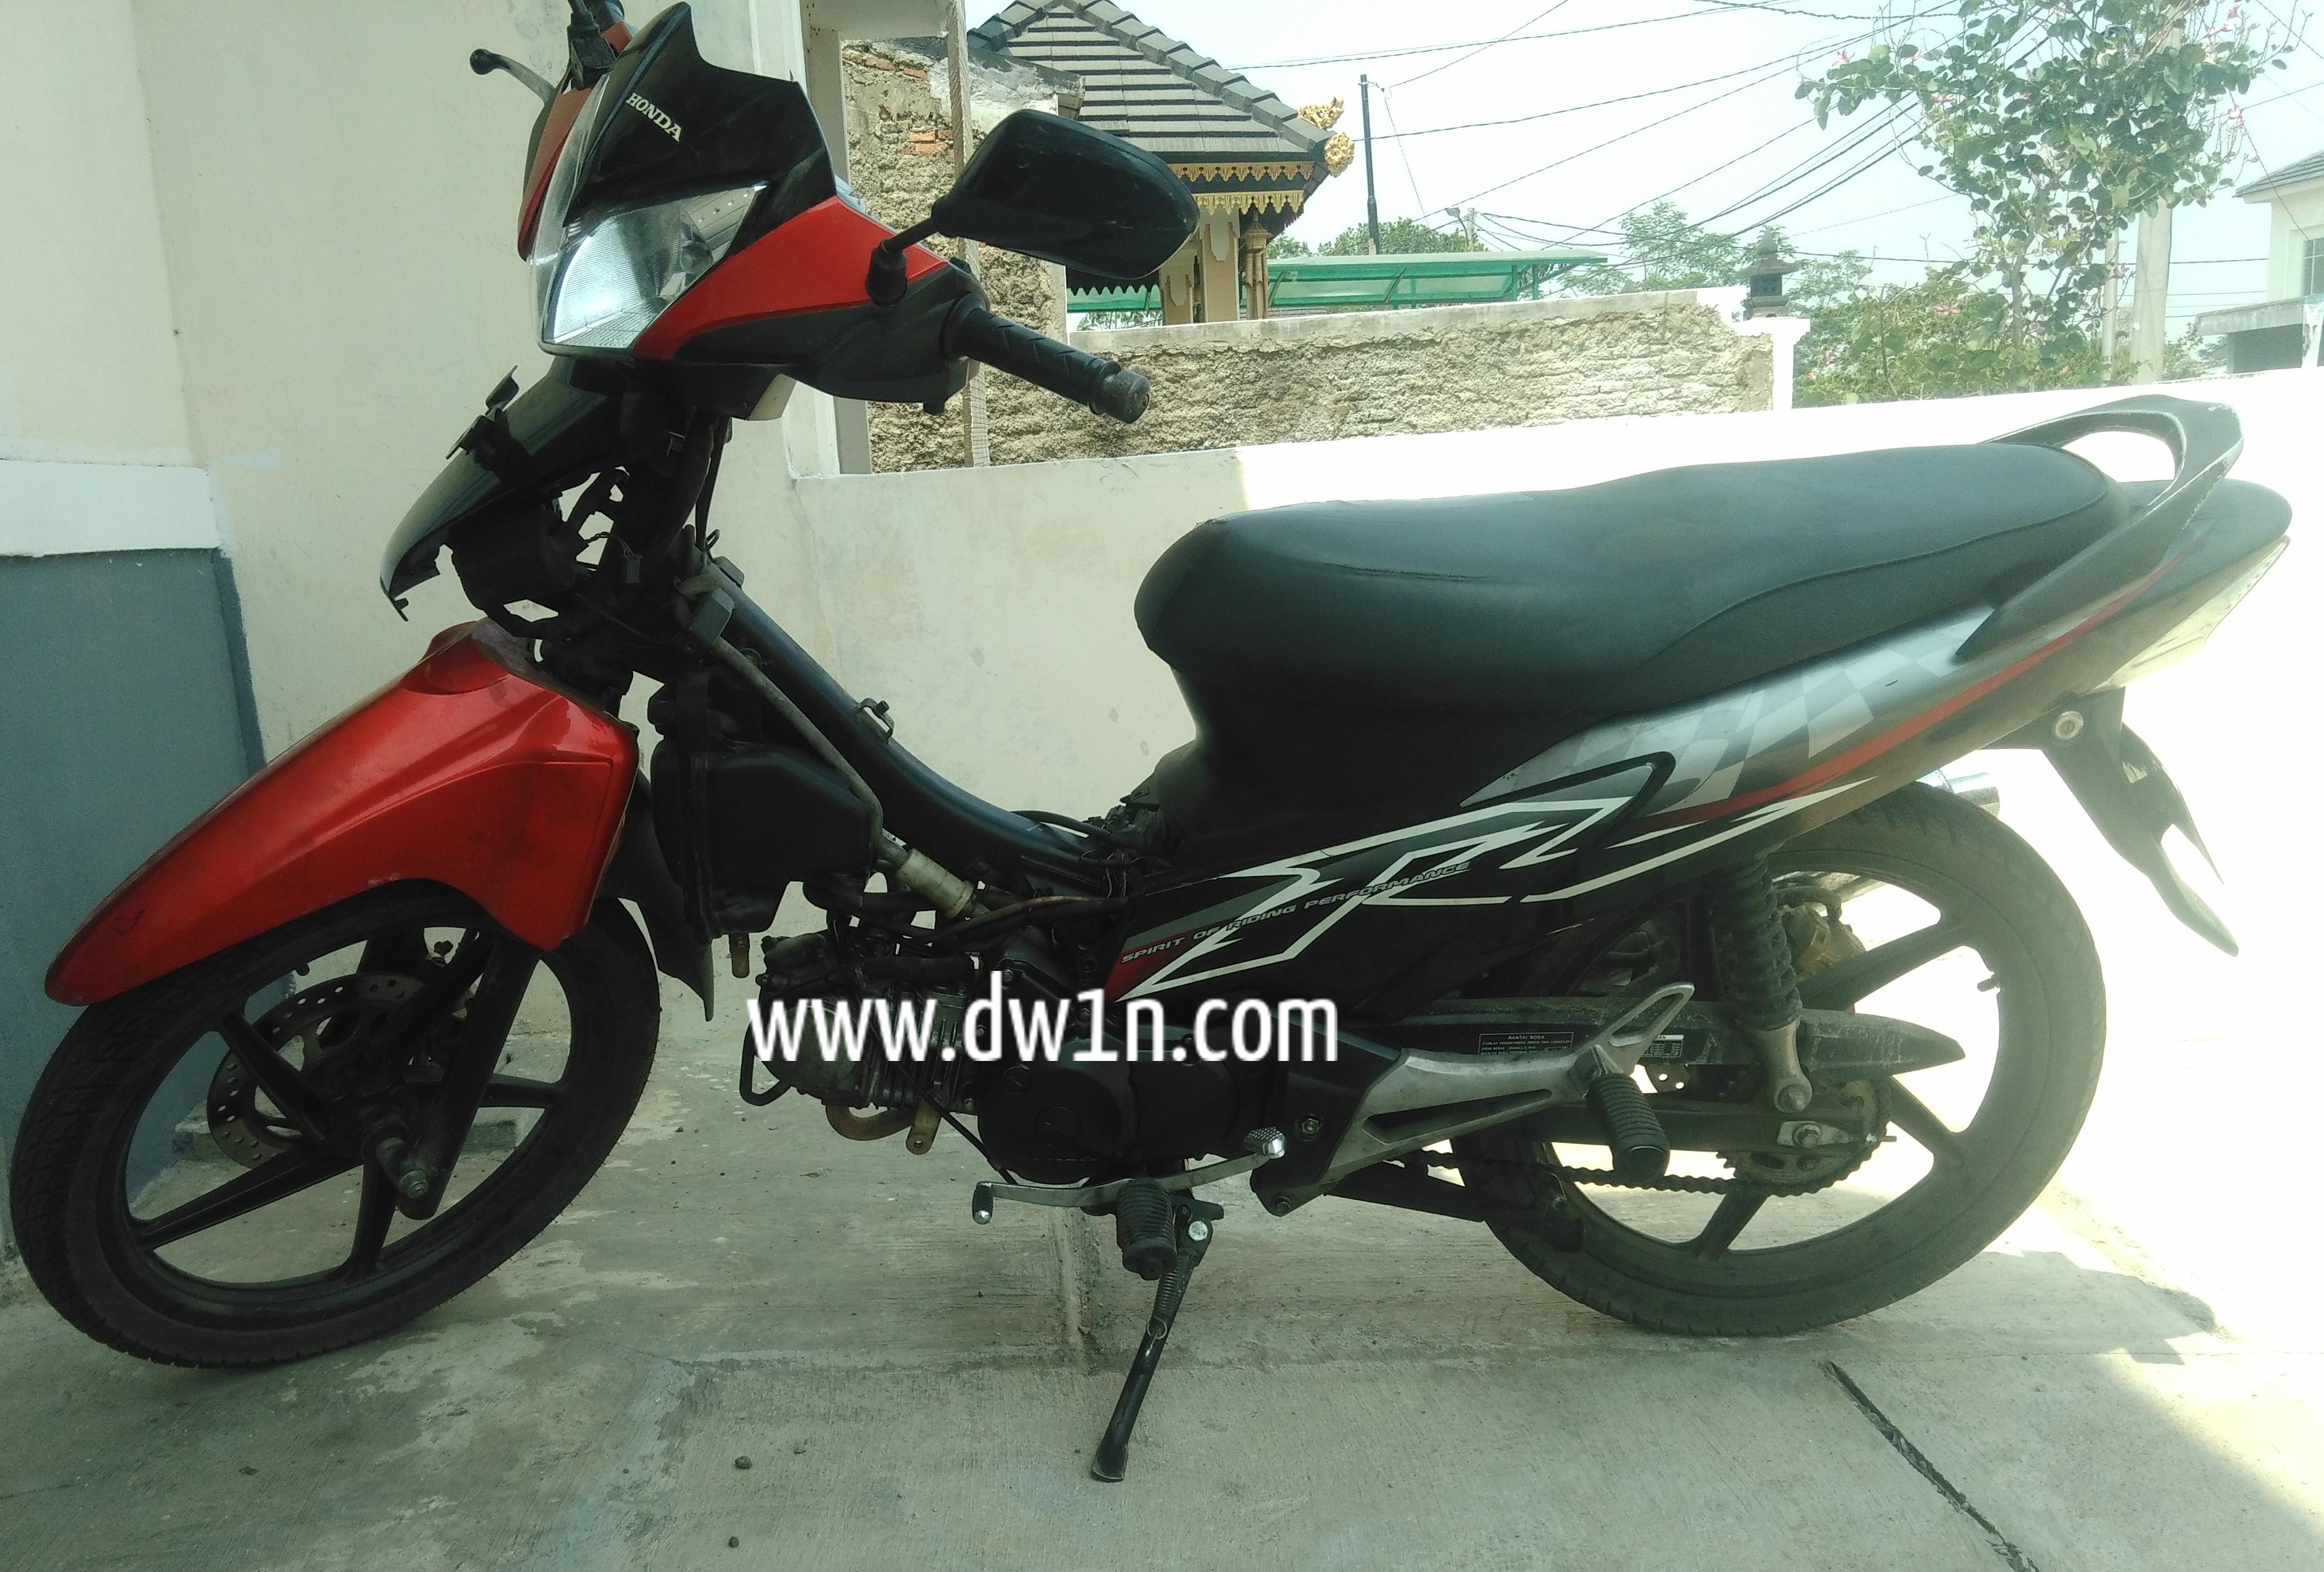 Total Biaya Turun Mesin Honda Supra X 125 Dwin Stang Motor Tiger Revo Img 20151004 101437